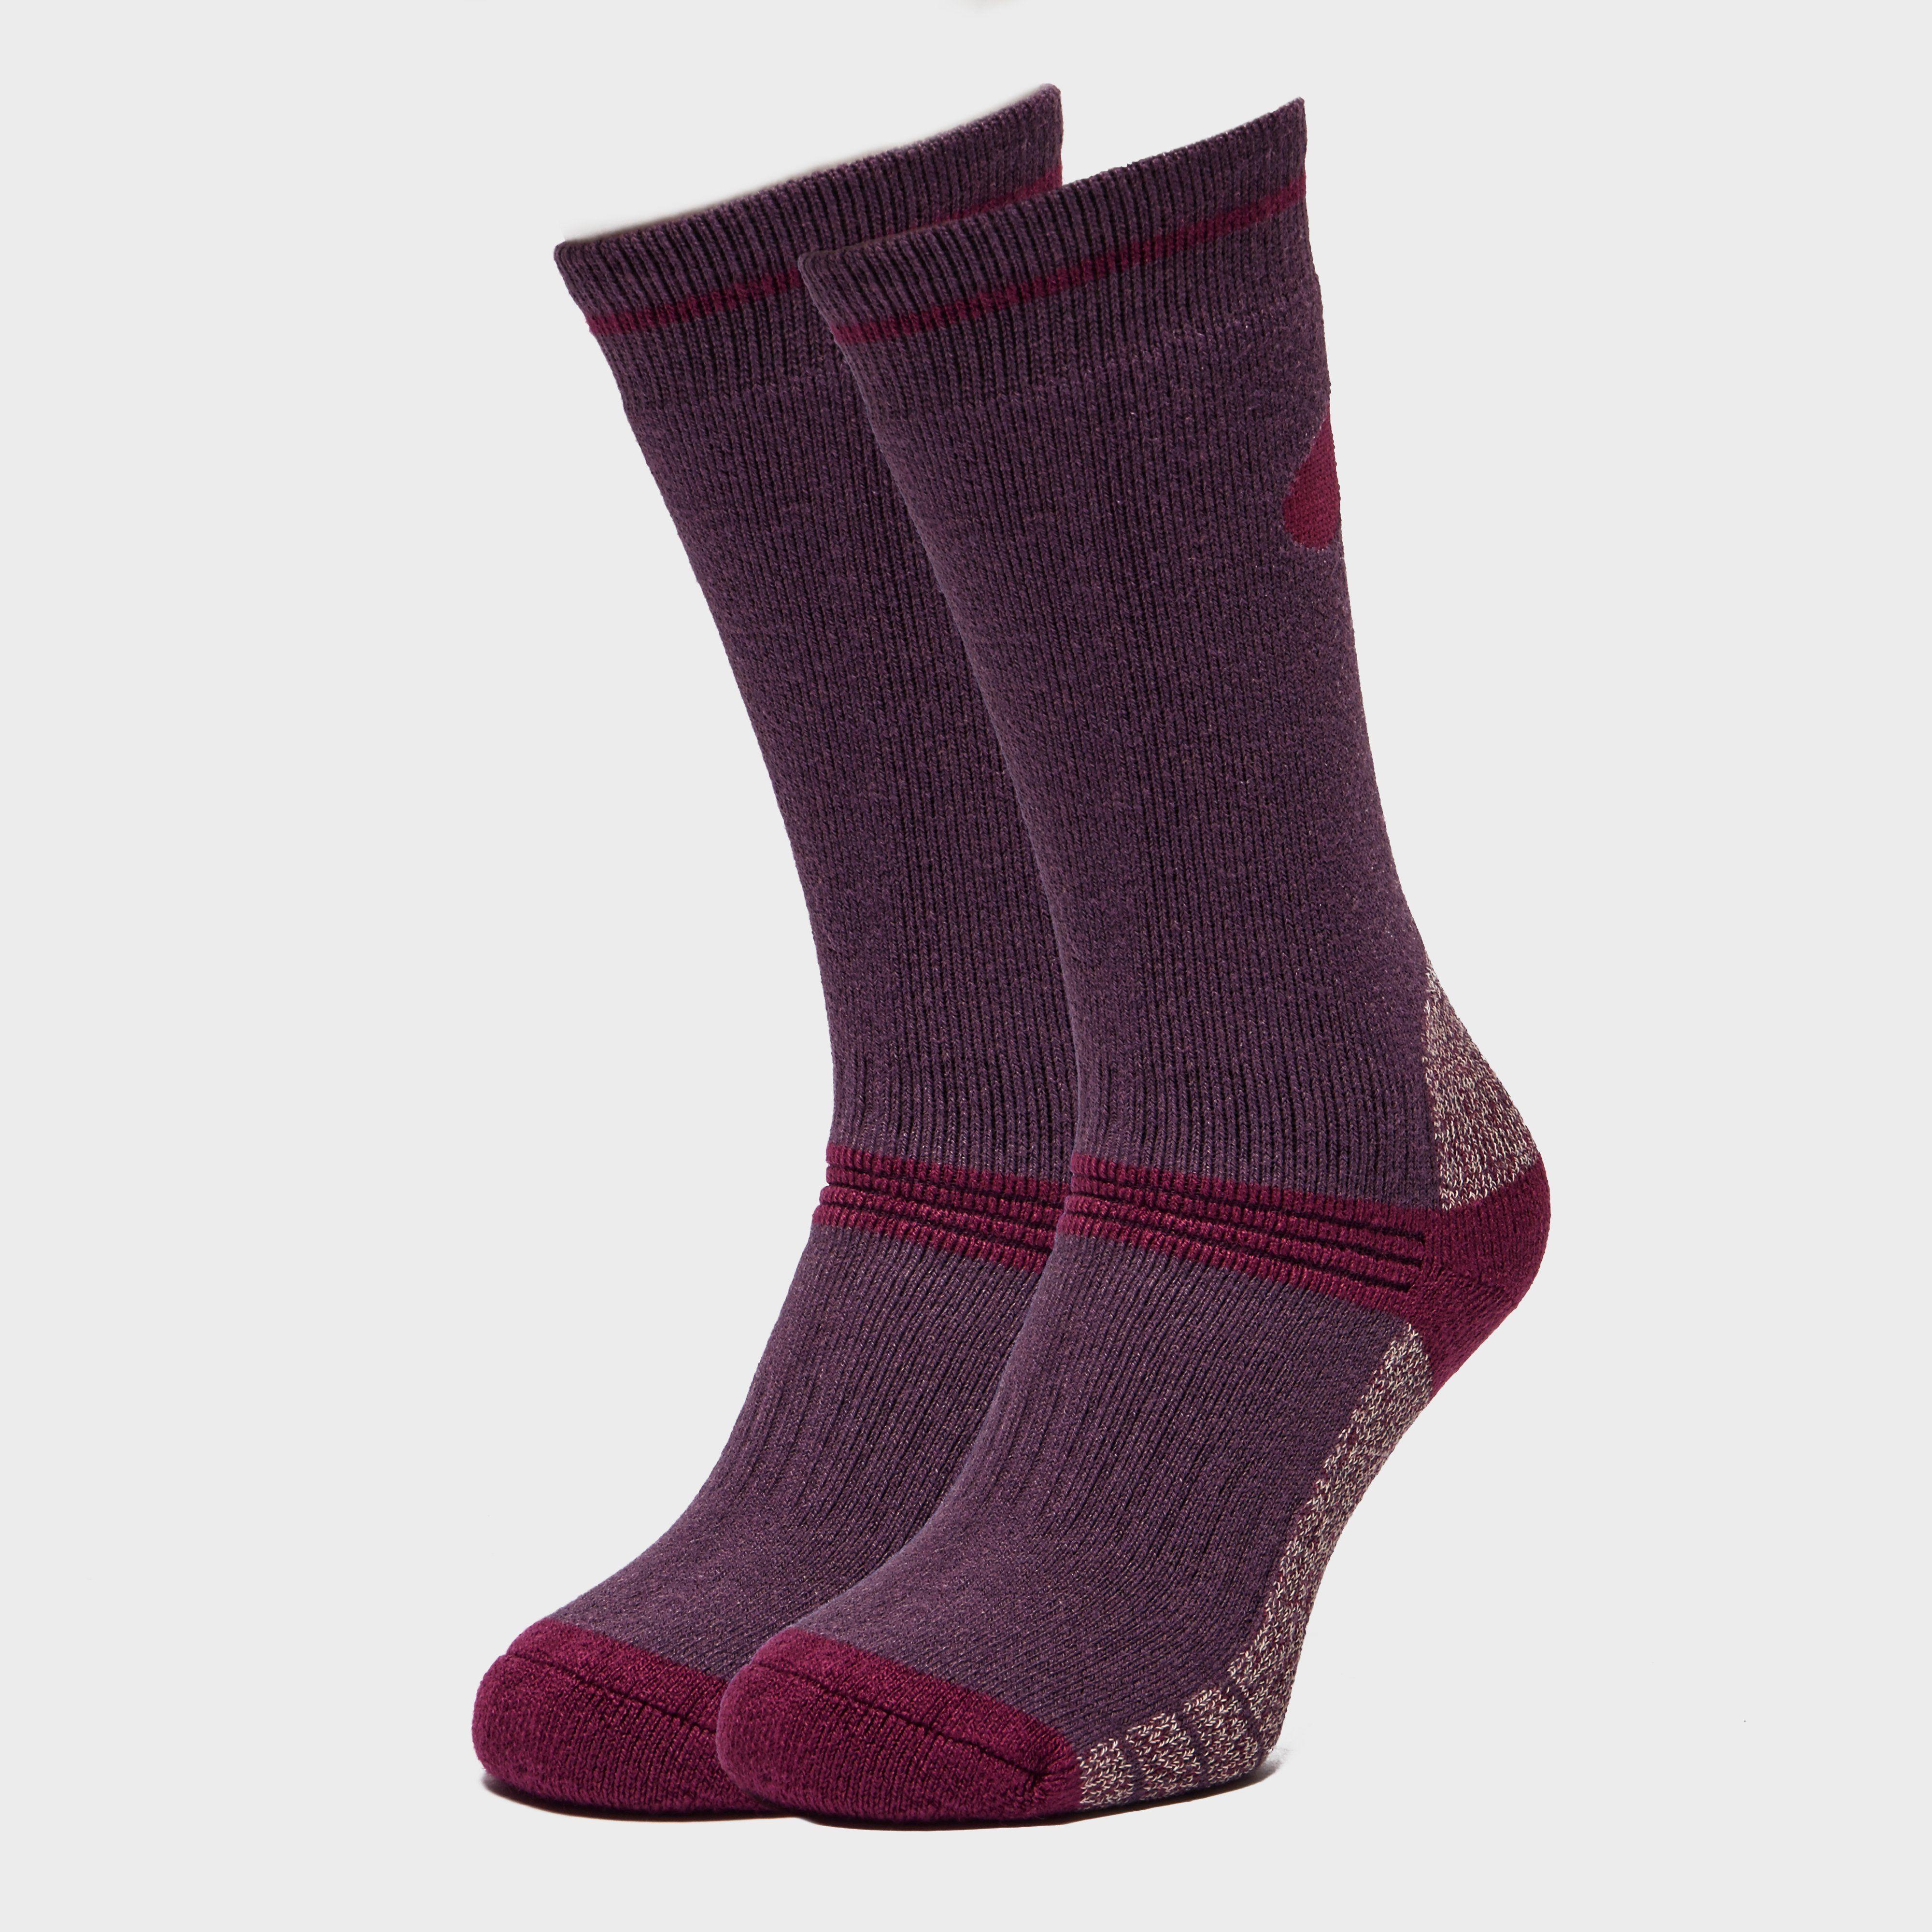 PETER STORM Women's Heavyweight Outdoor Socks - 2 Pack